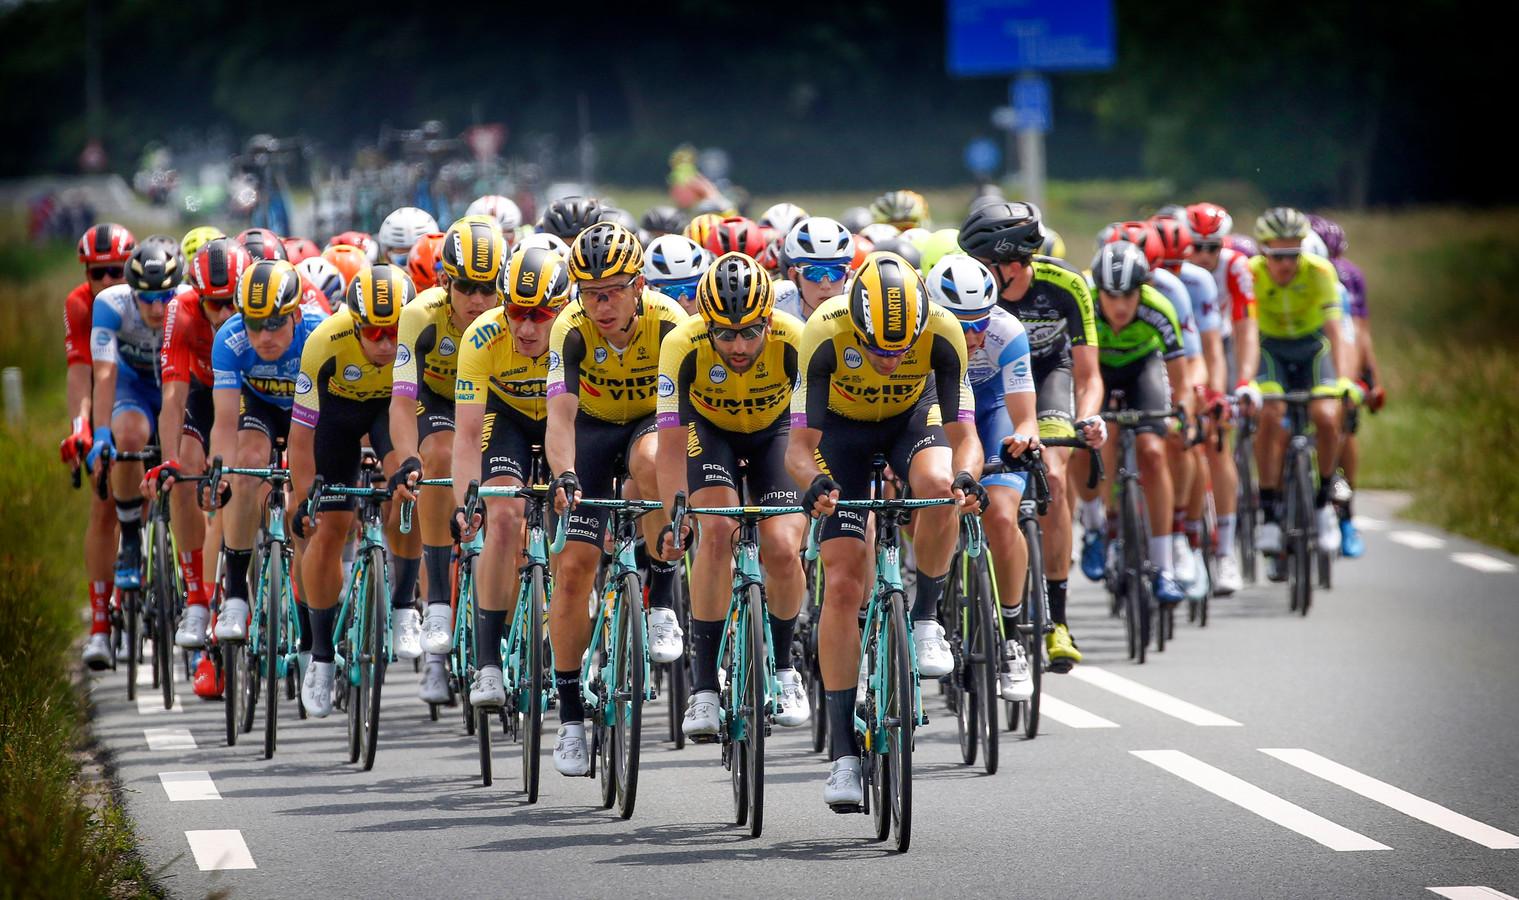 Het peloton van de ZLM Tour 2019 trekt door het Zeeuwse land.